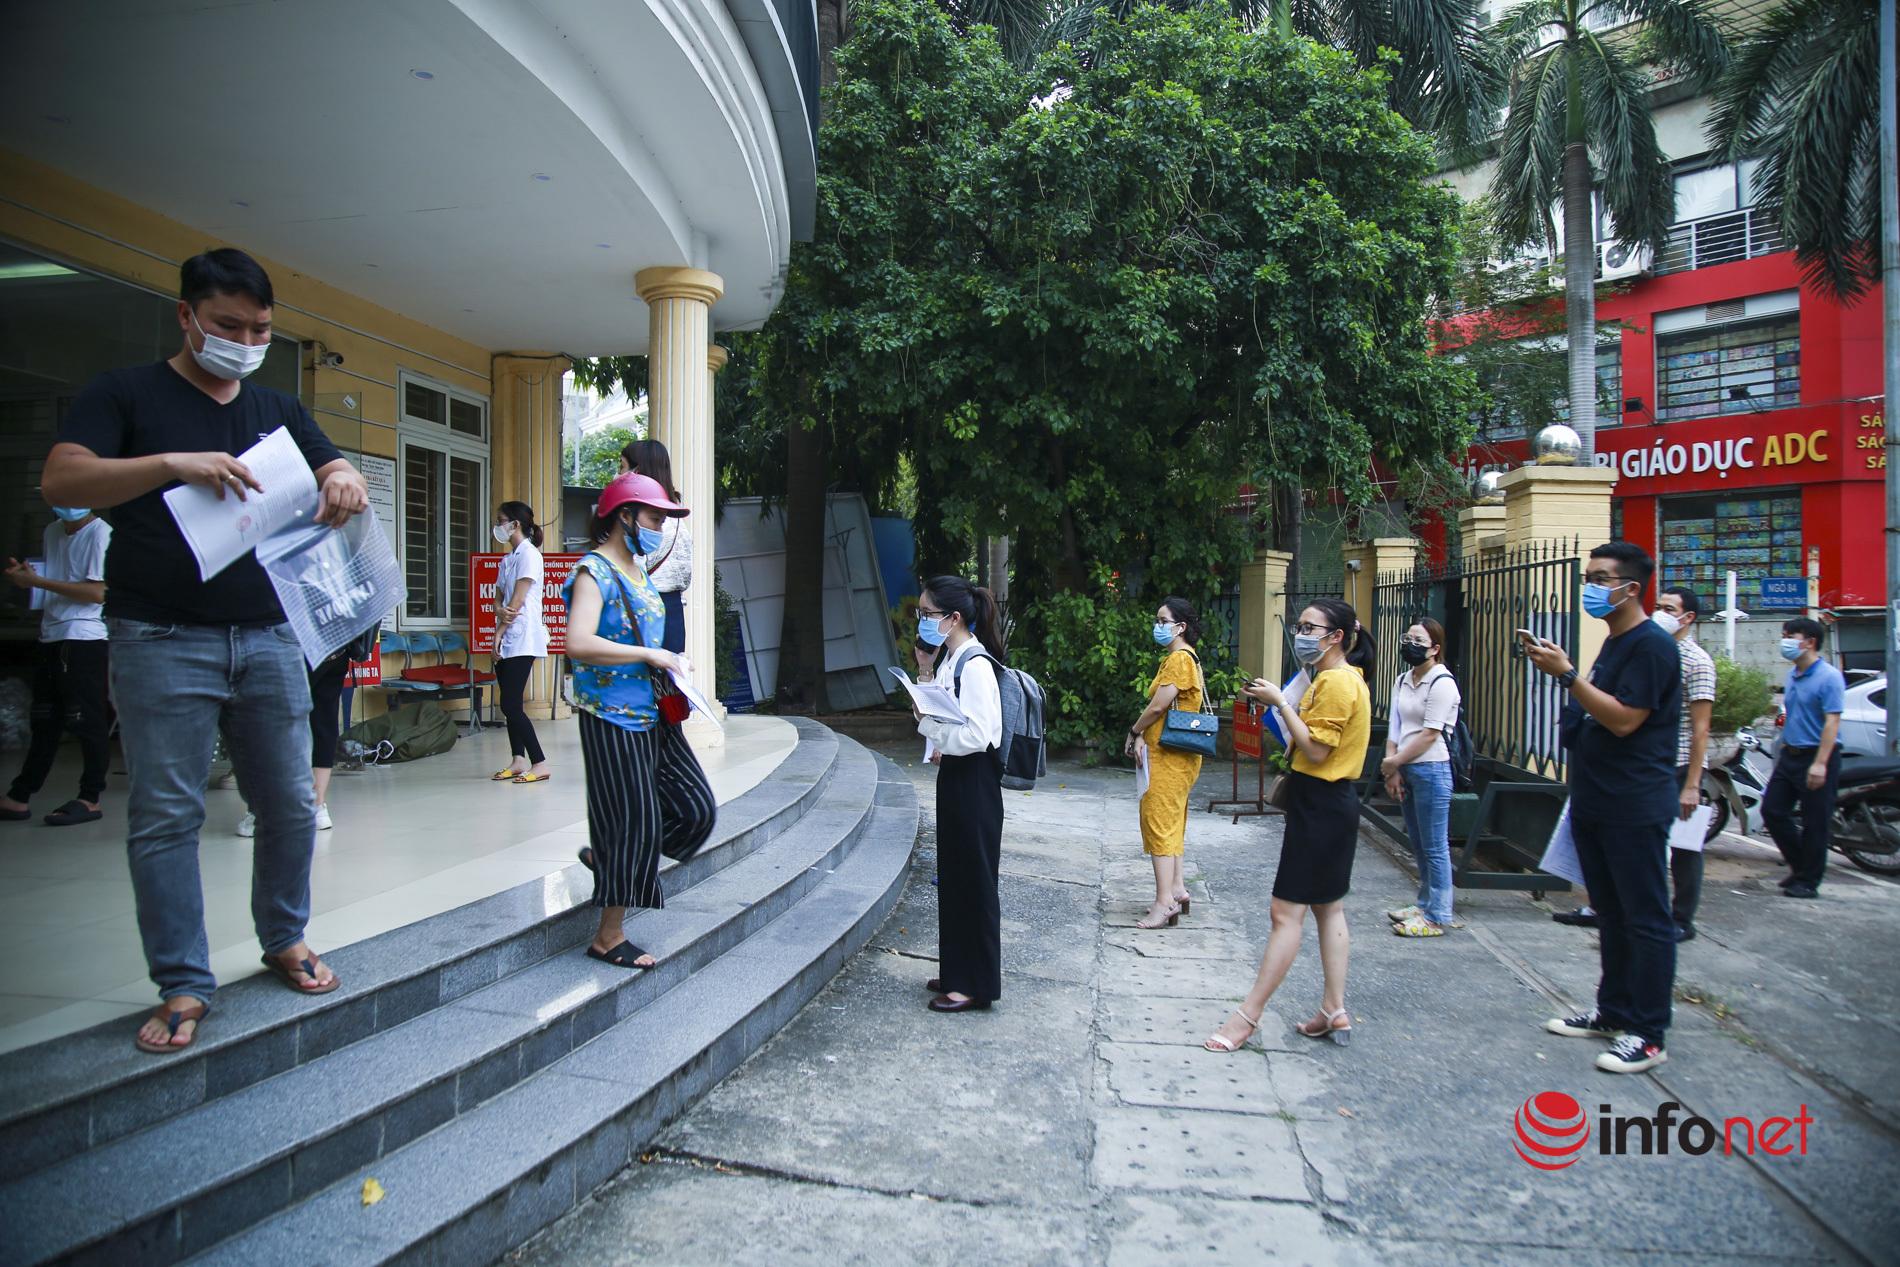 Hà Nội: Người dân xếp hàng xin giấy xác nhận đi đường